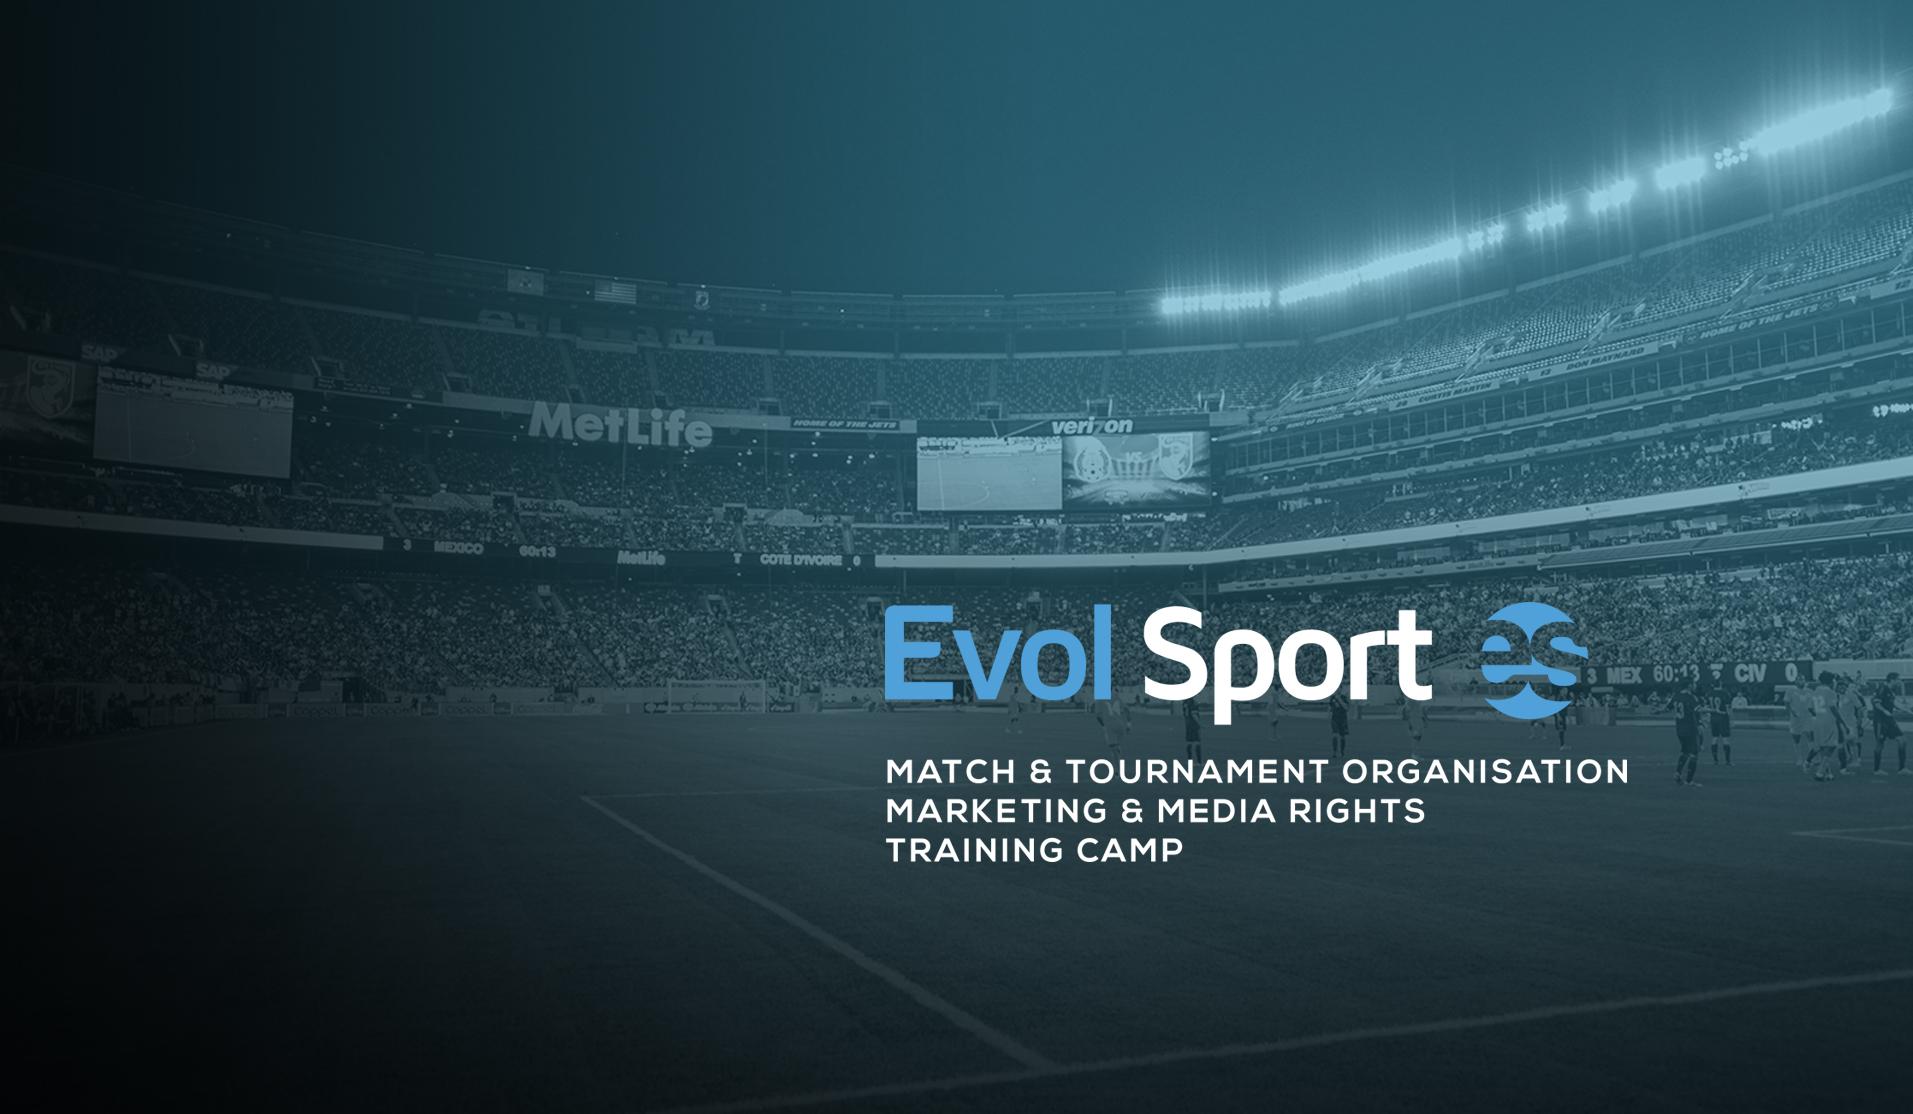 Evol Sport